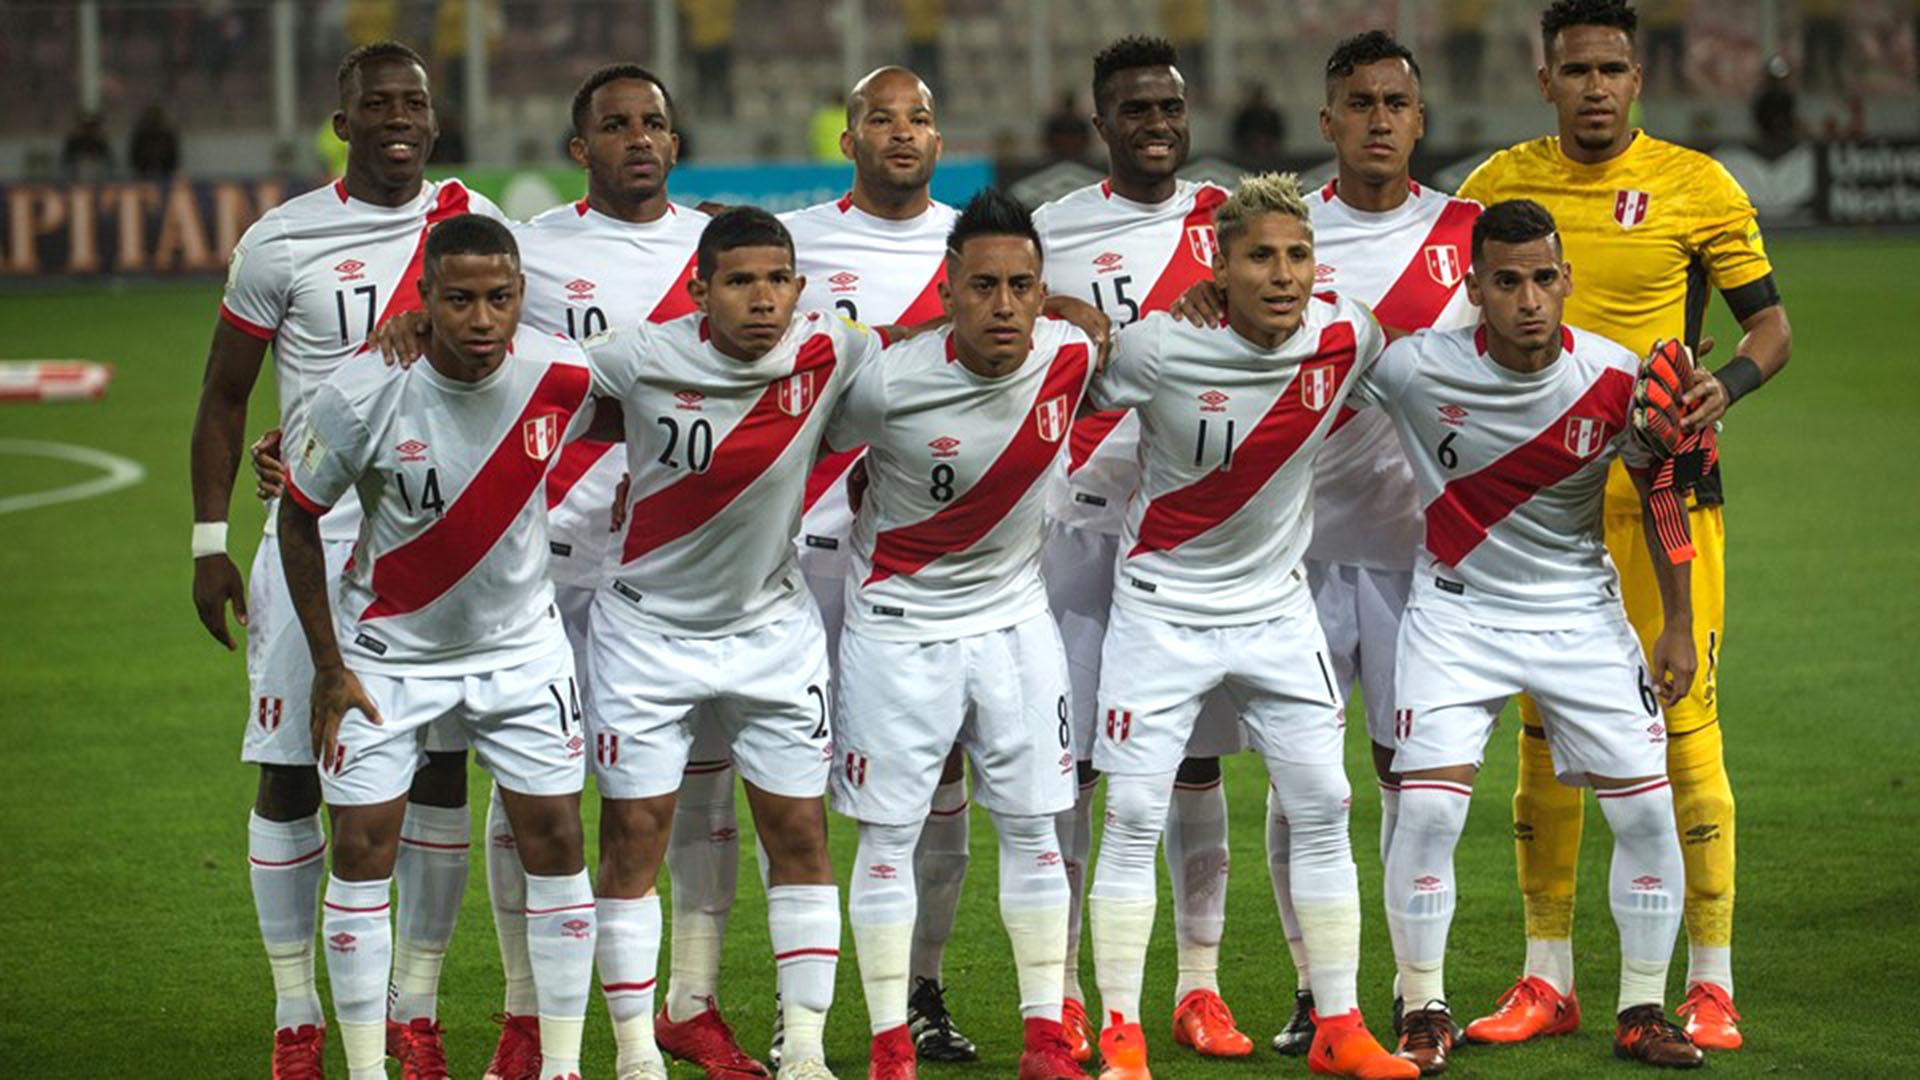 Con un promedio de edad de 26 años, el valor de Perú es de 37,73 millones de dólares